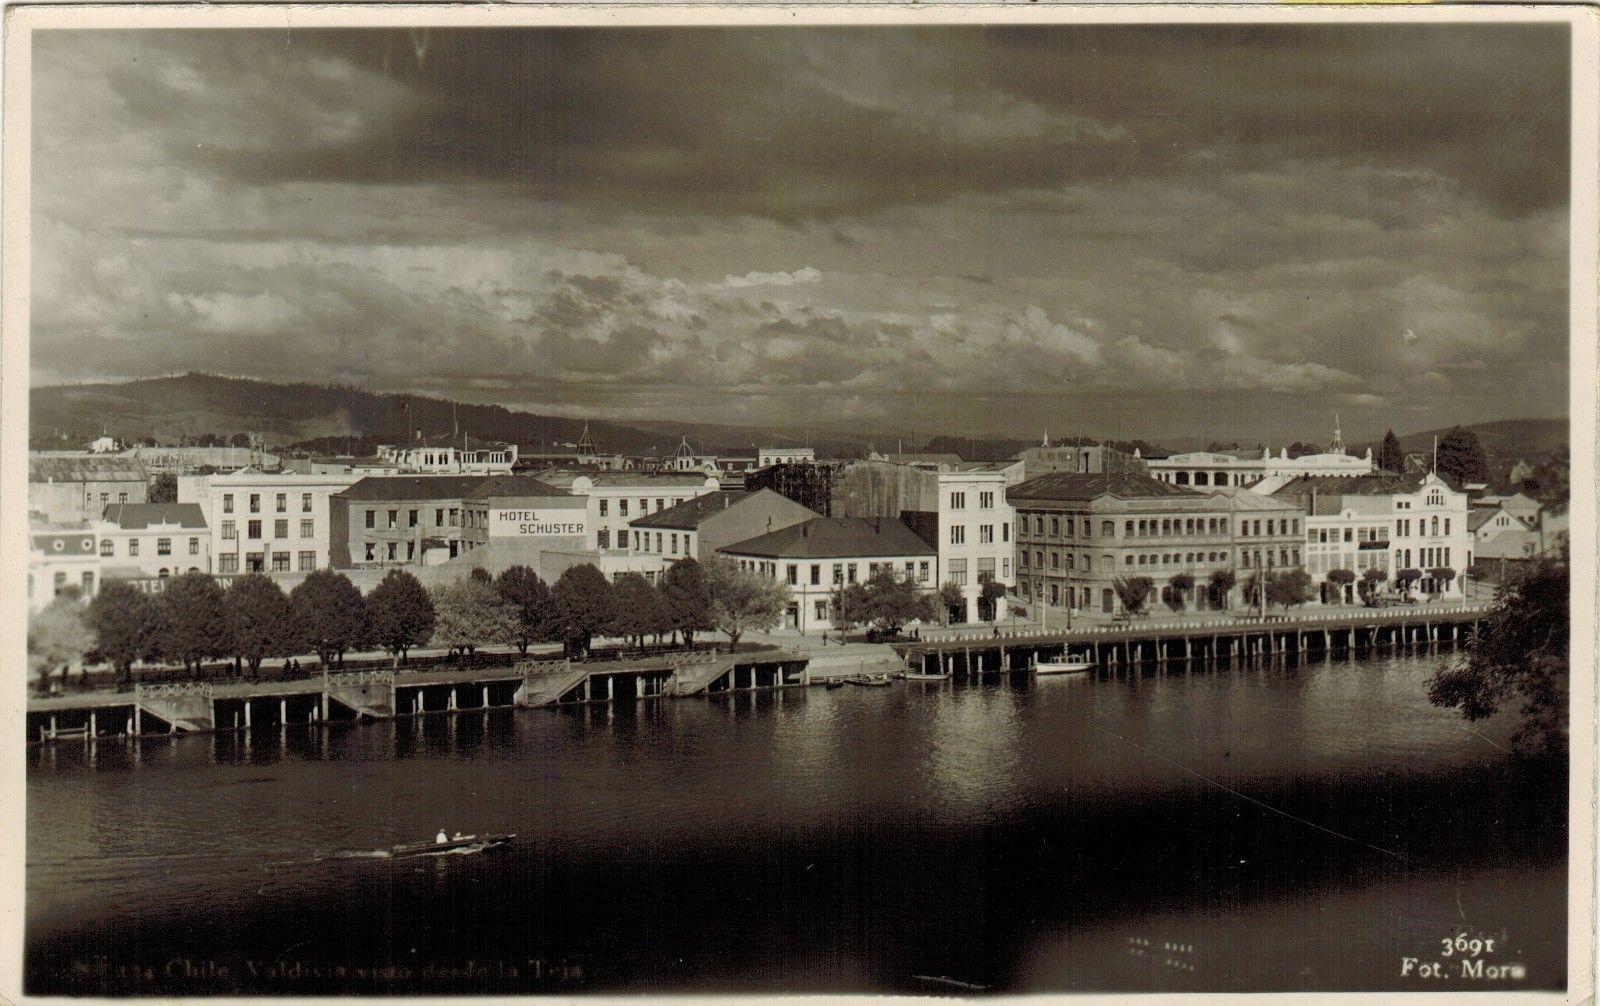 Enterreno - Fotos históricas de chile - fotos antiguas de Chile - Valdivia, 1940